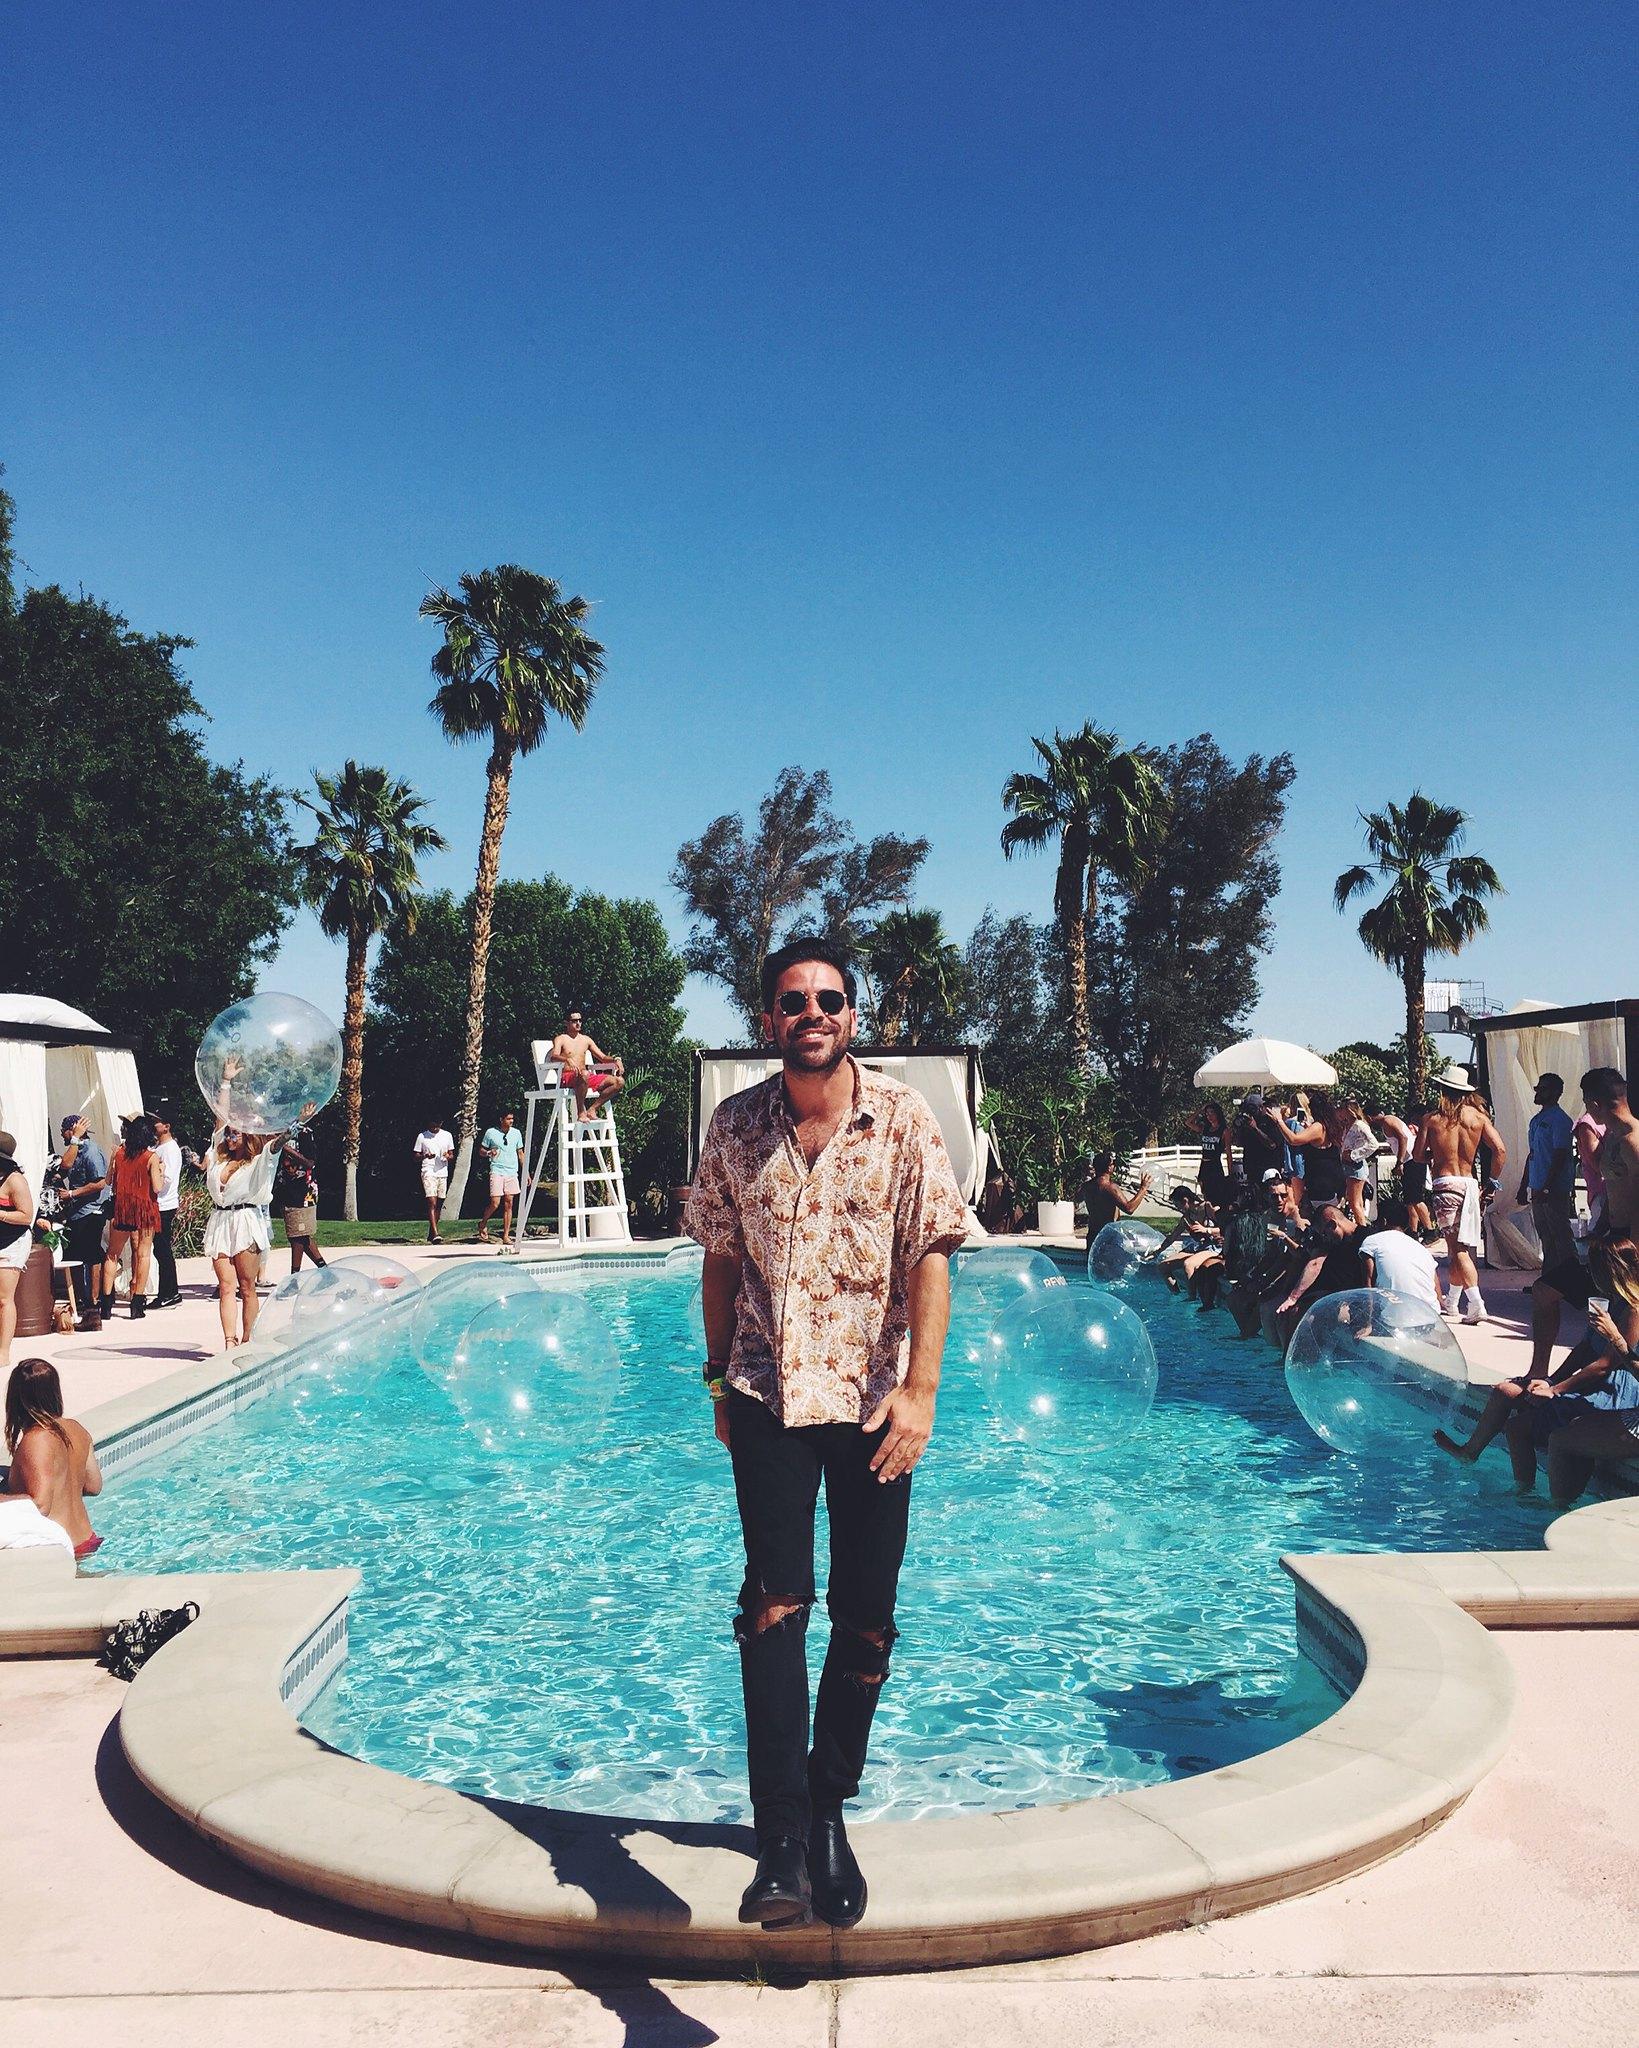 _miguel_carrizo_coachella_ilcarritzi_california_music_festival_la_17